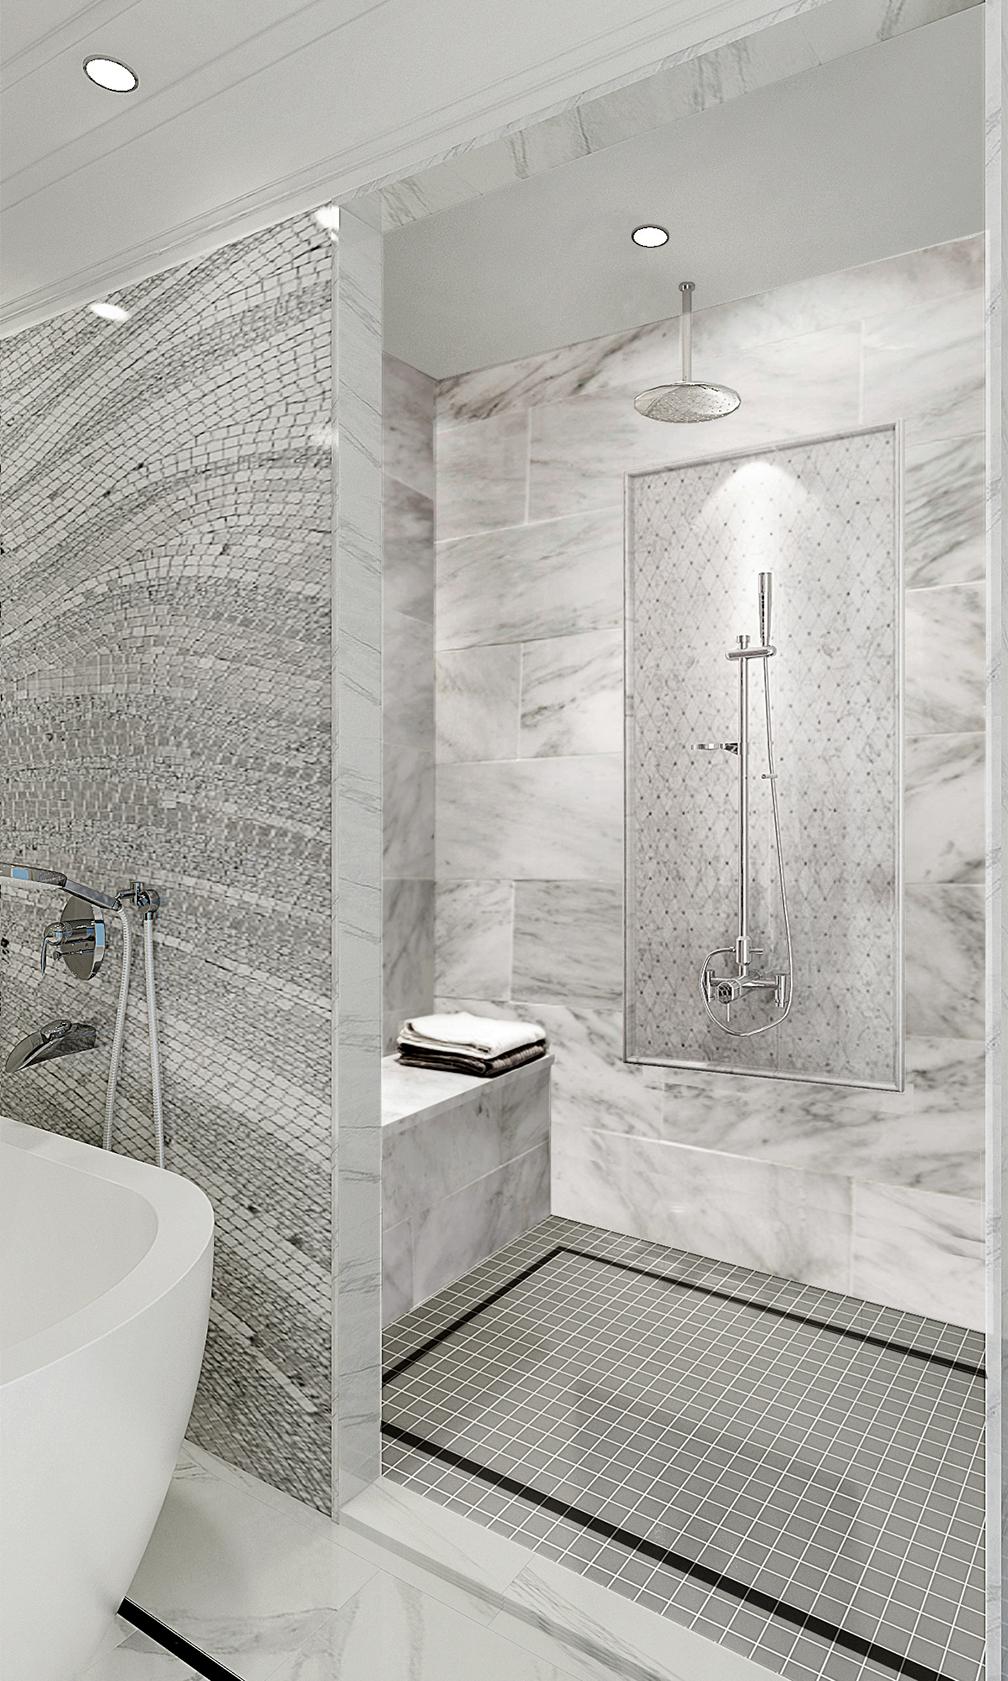 XL Design _shower rendering